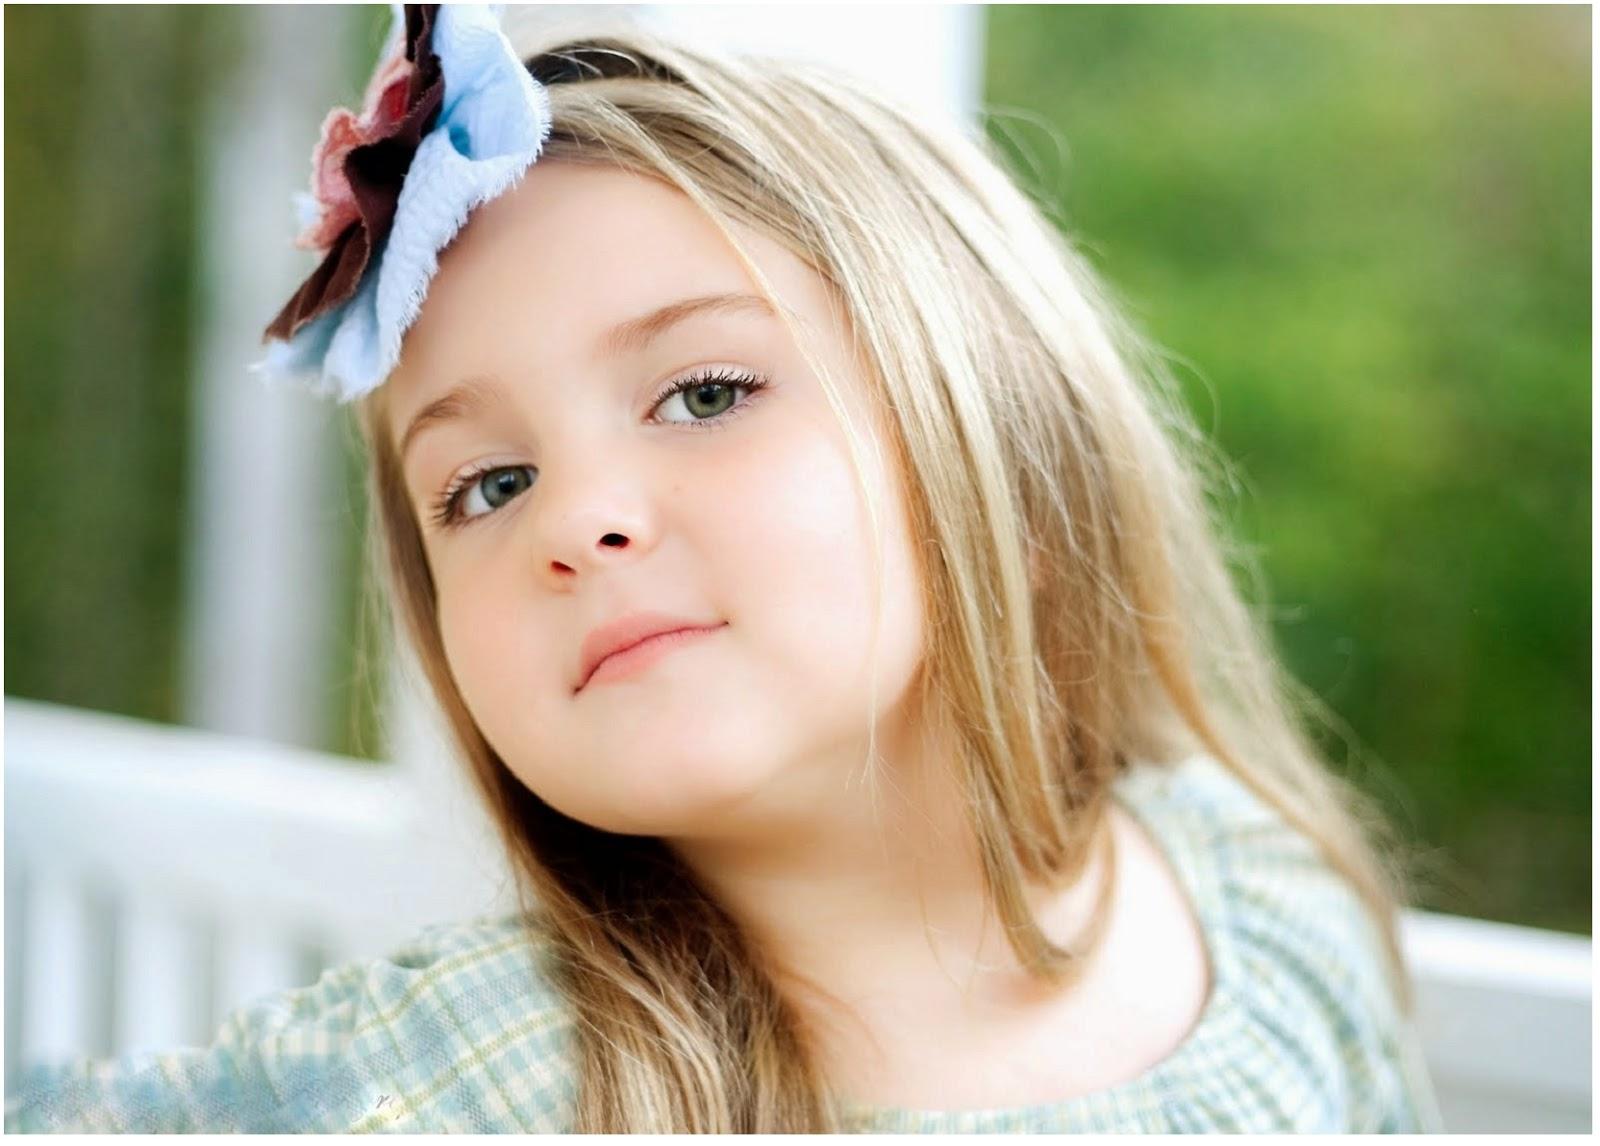 بالصور بنات اطفال , صور احلى بنات قمرات 5898 14